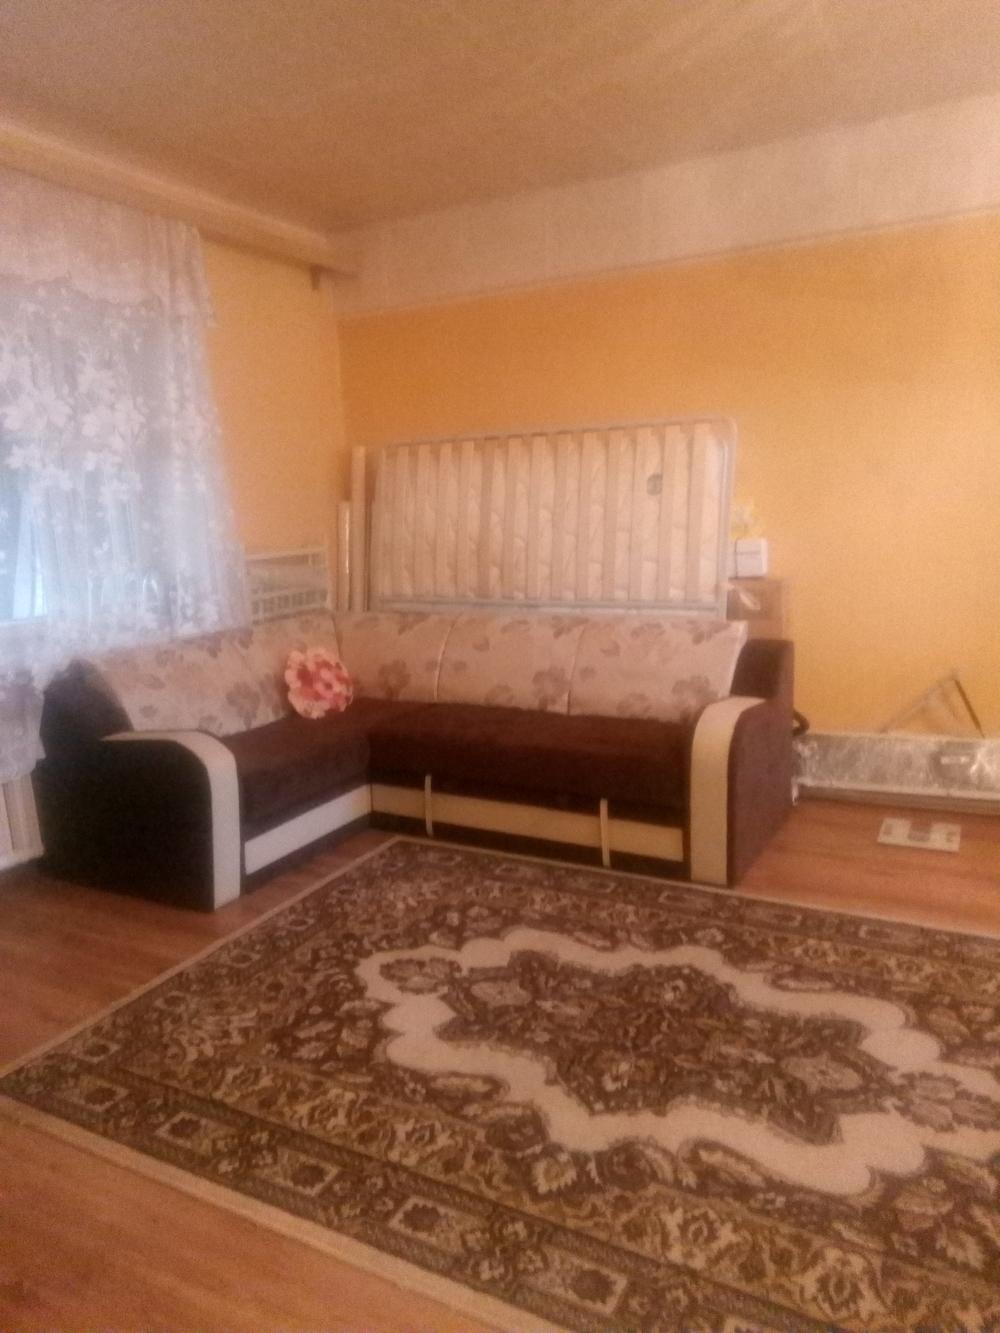 продам одноэтажный дом общей площадью 355.7 кв.м. с мансардой и цокольным этажом. пер...